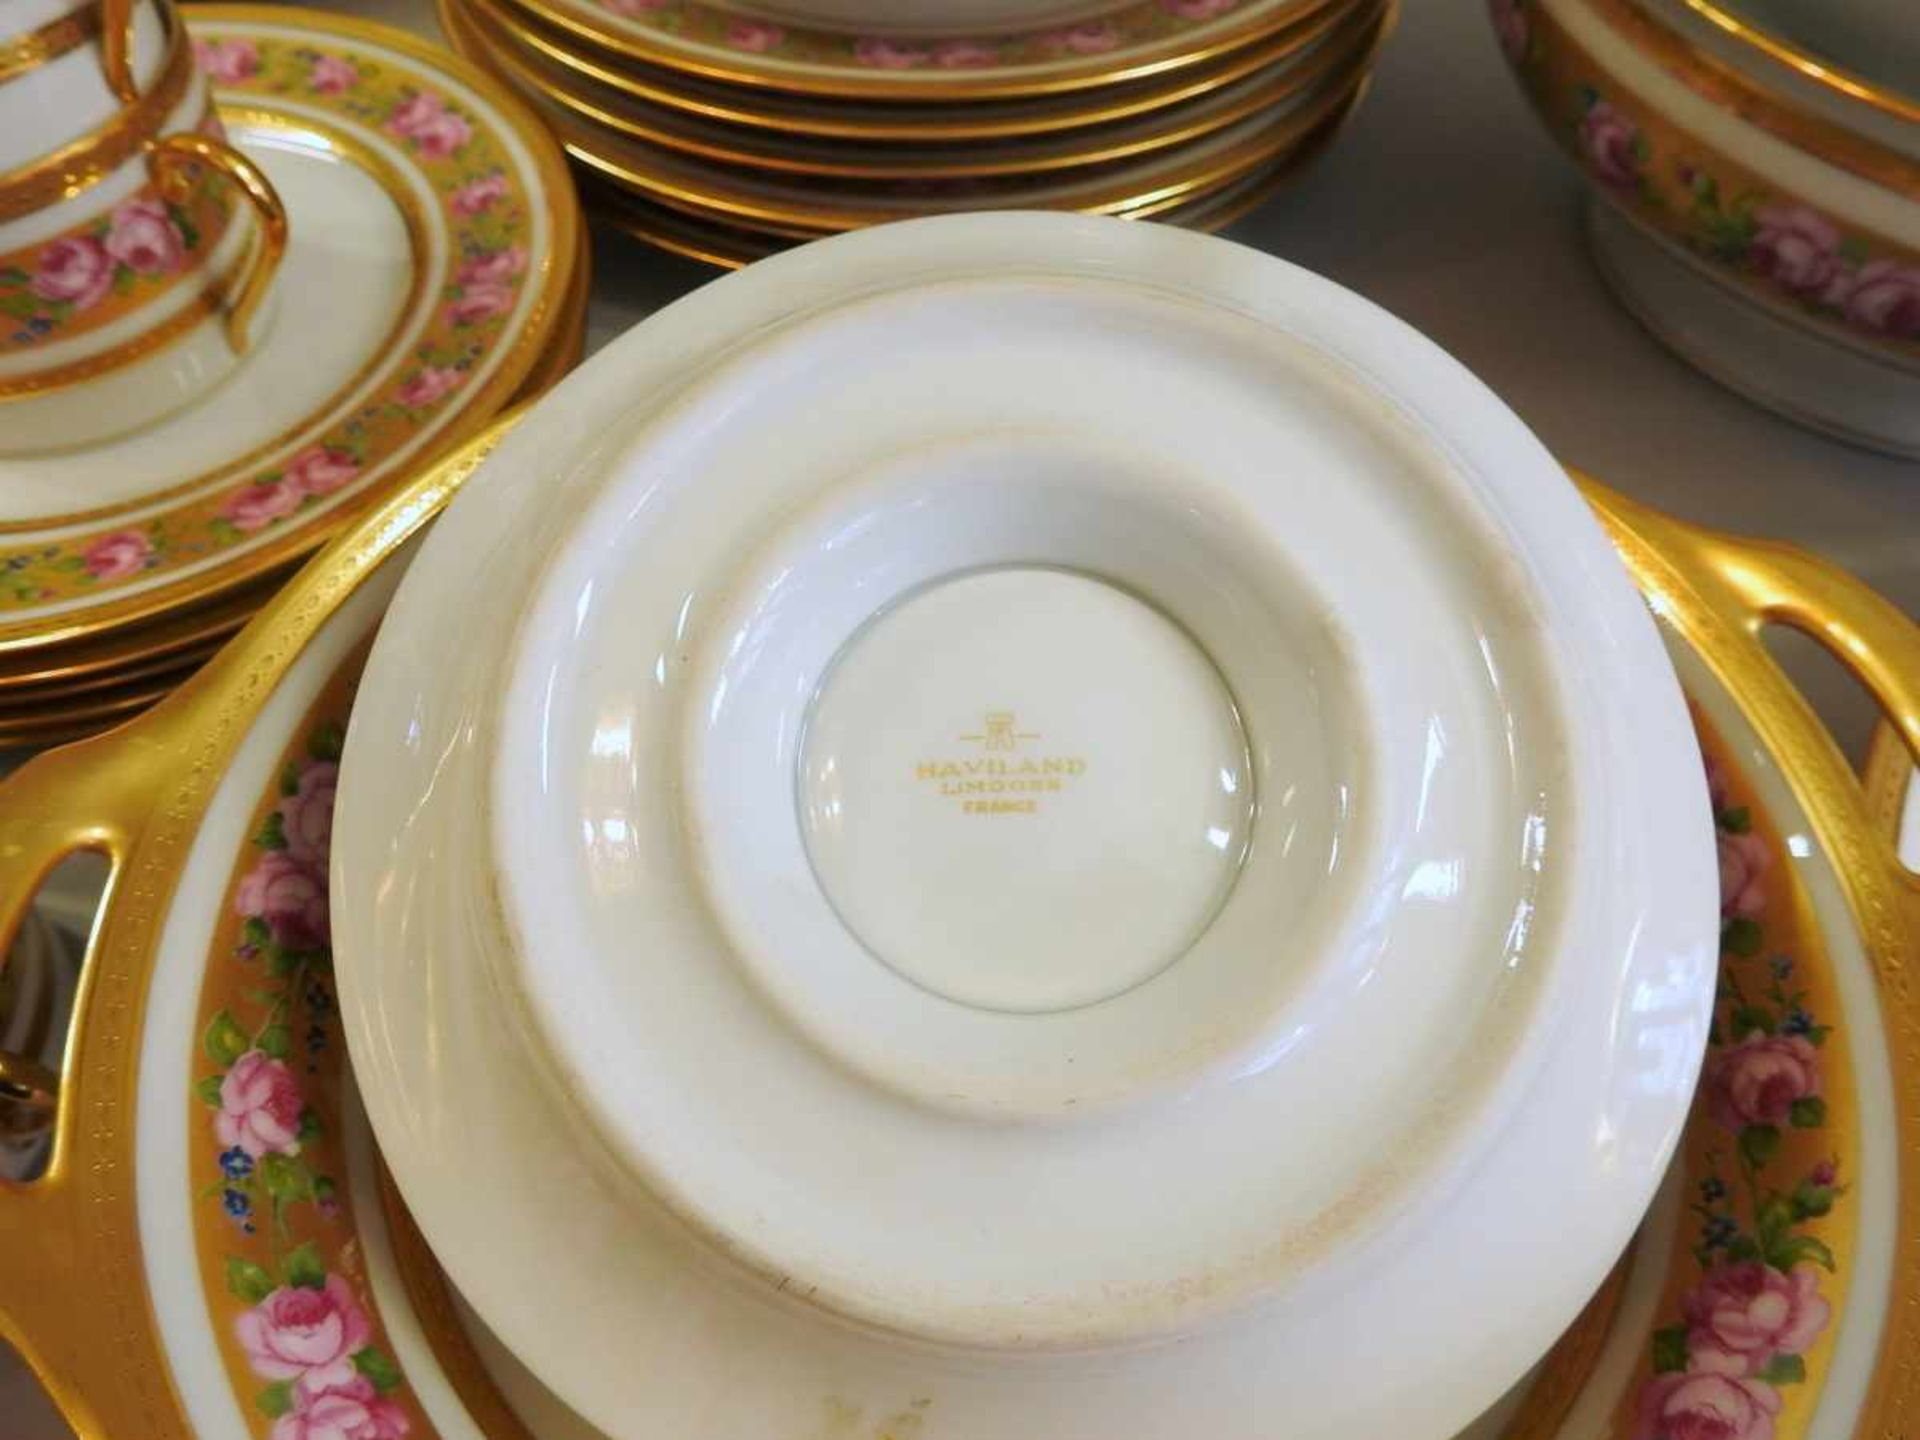 Los 50 - Haviland Speise- und Teeservice Porzellan, reichlich mit gold, rosa und blau staffiert und einem